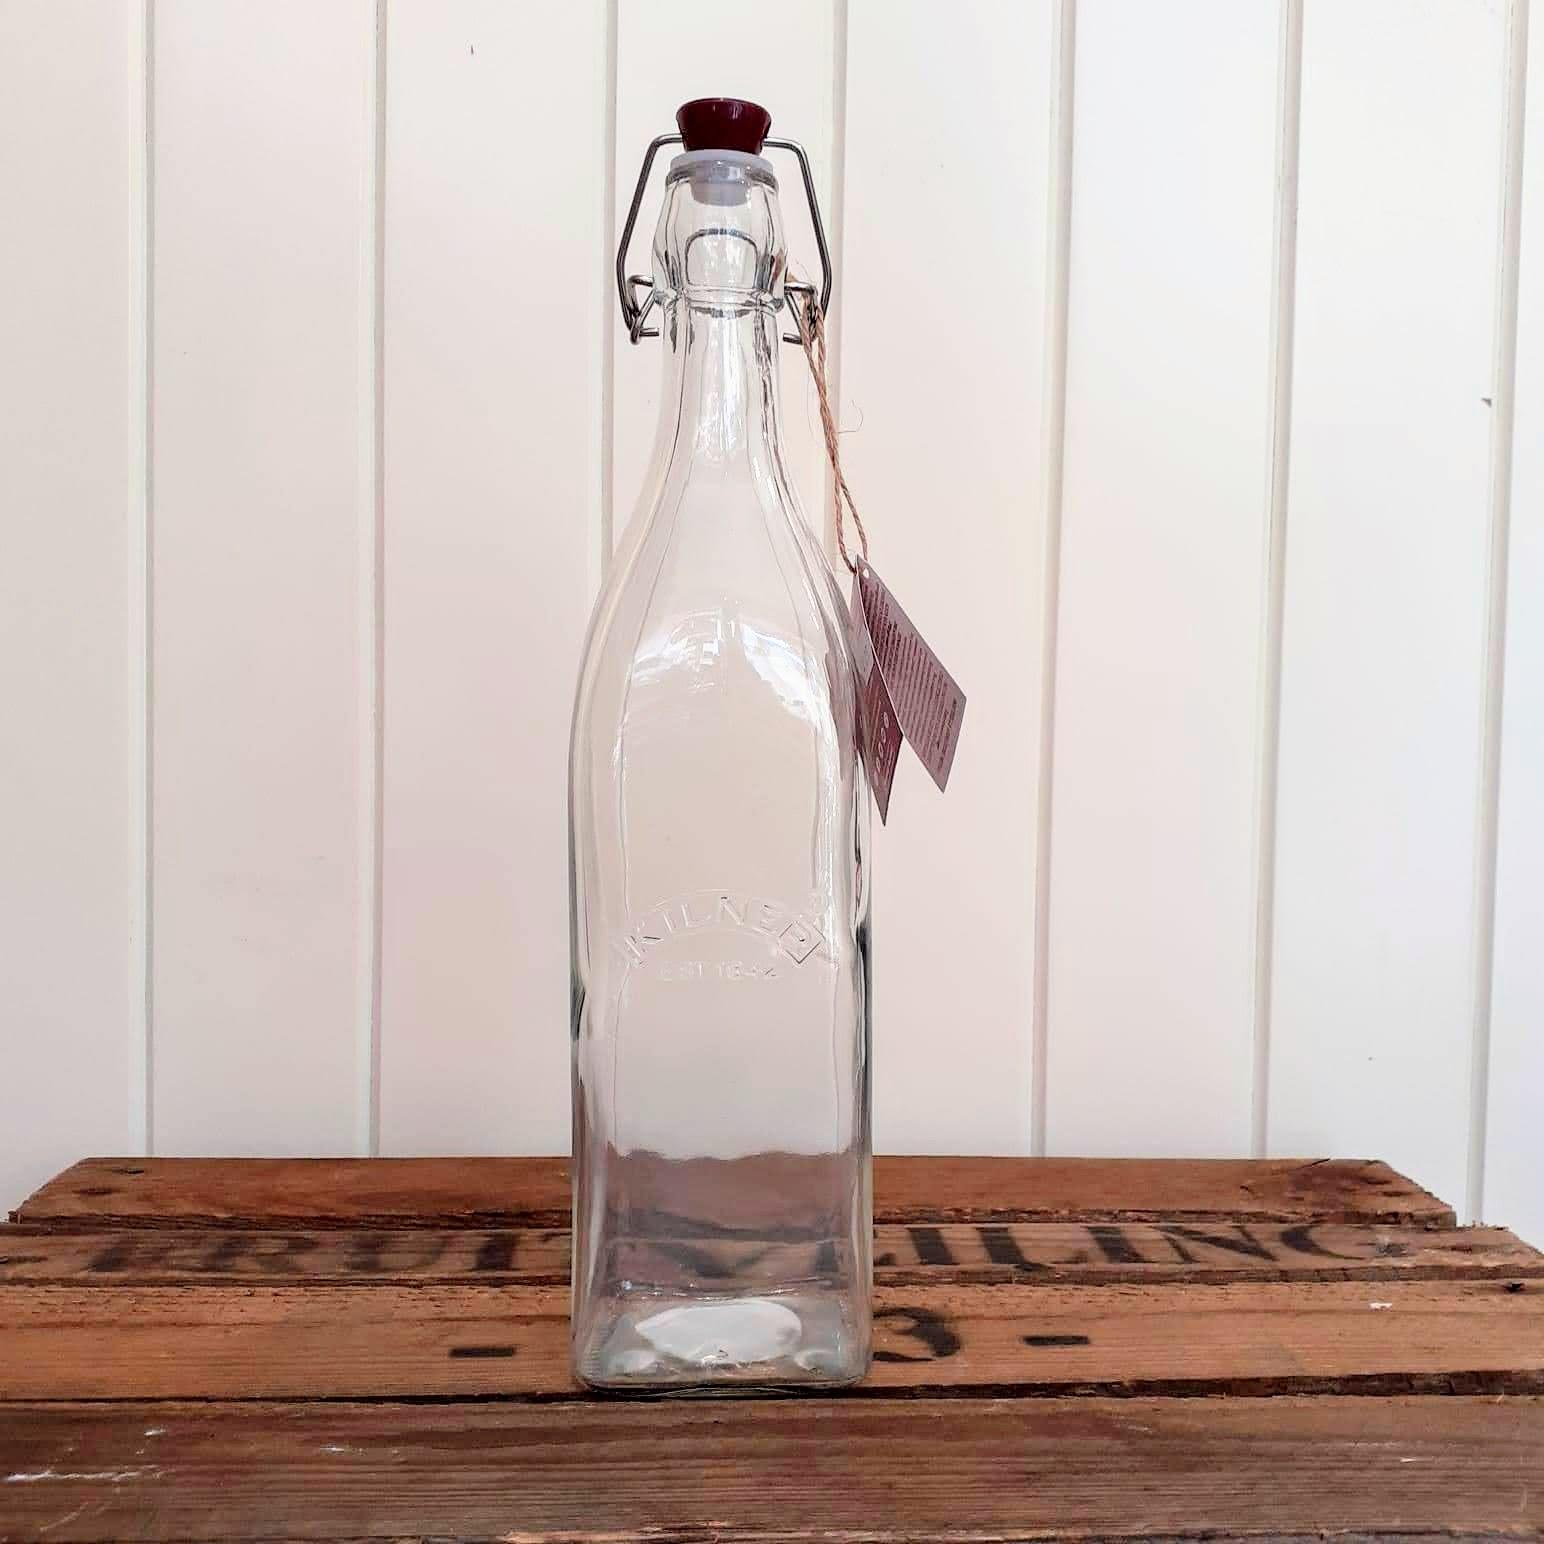 Kilner glass bottle - 1litre